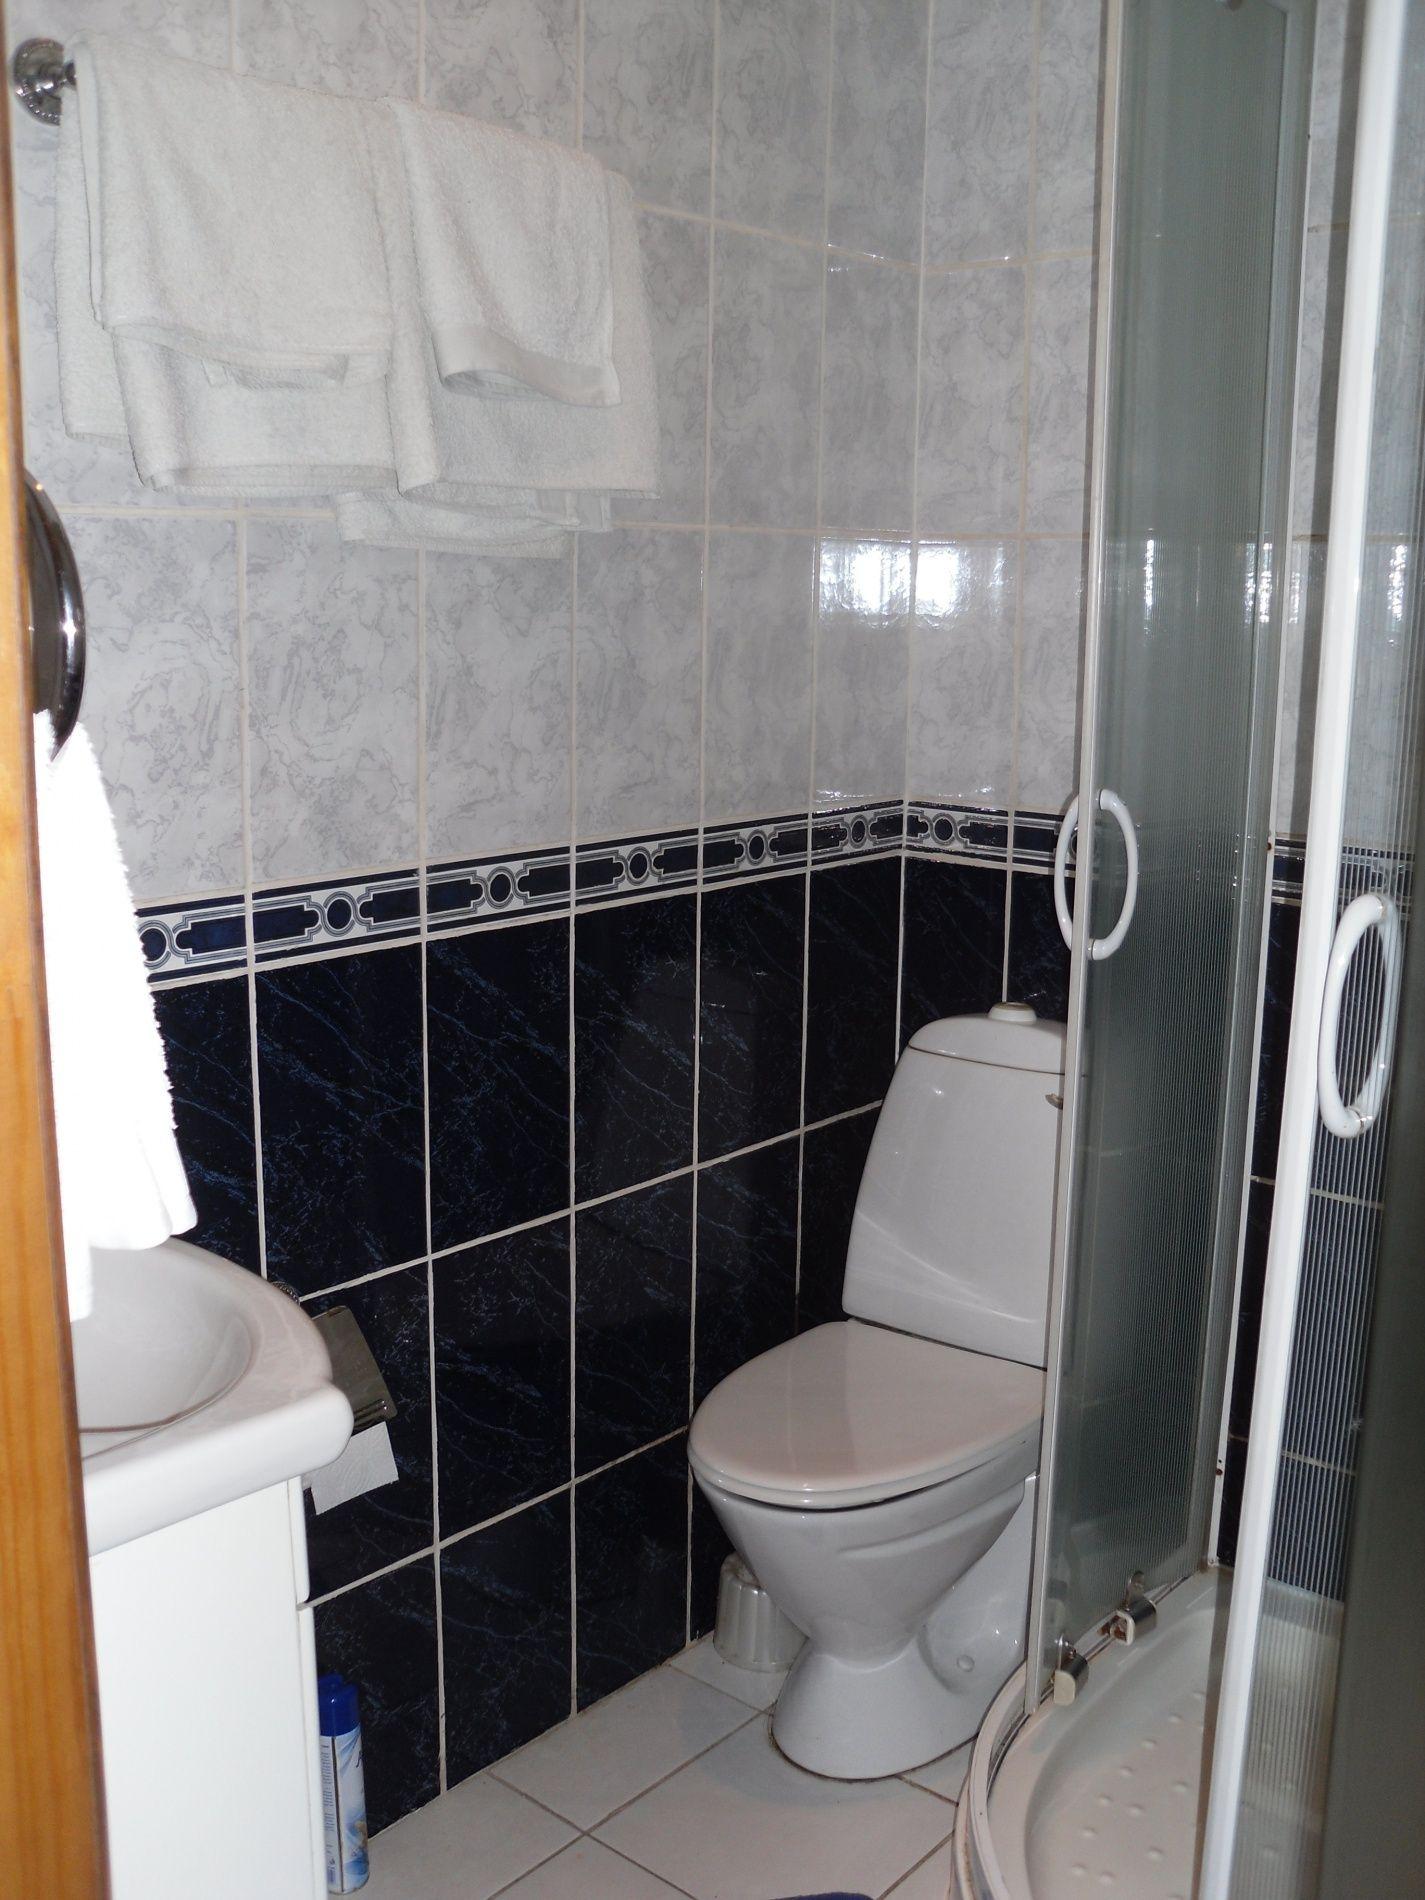 Туристический комплекс «Мирная Пристань» Ивановская область 2-комнатный номер 1 категории (№ 8, 9), фото 10